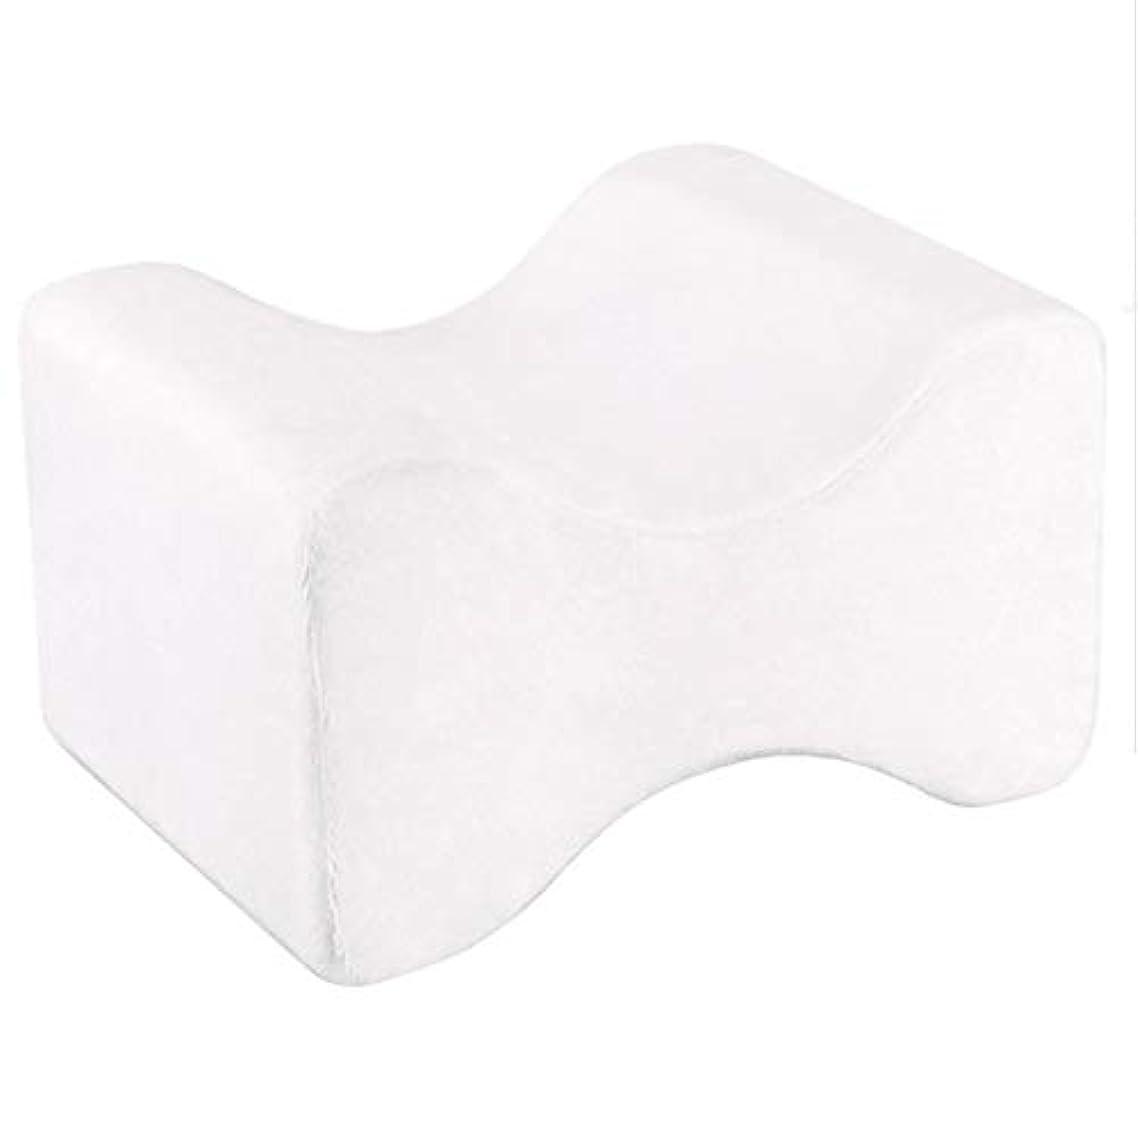 冗長うまシロナガスクジラソフト枕膝枕クリップ脚低反発ウェッジスローリバウンドメモリコットンクランプマッサージピロー男性用女性女性用-ホワイト